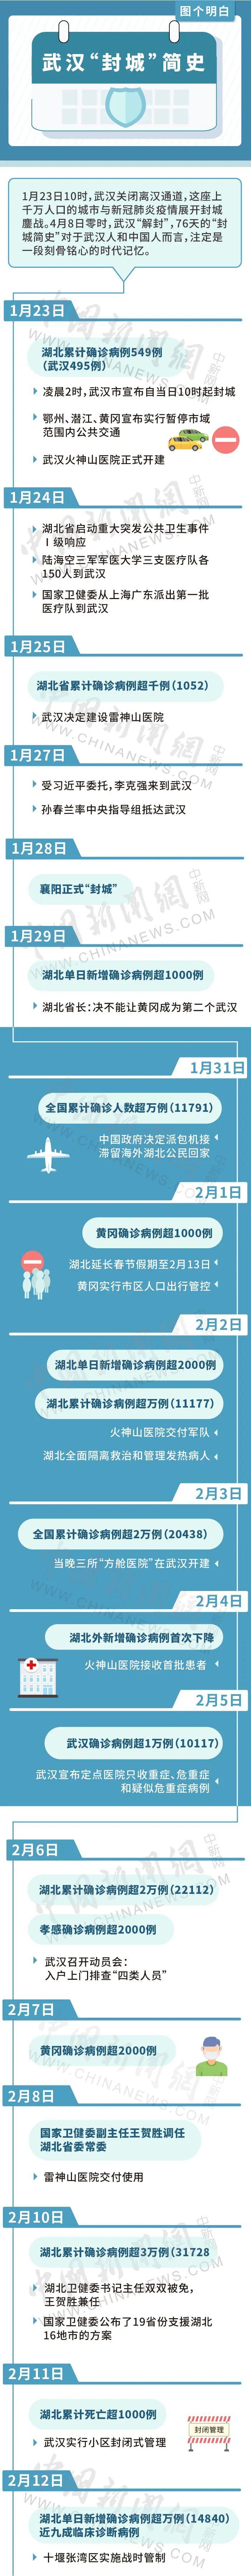 「蓝冠官网」武蓝冠官网汉封城简史图片